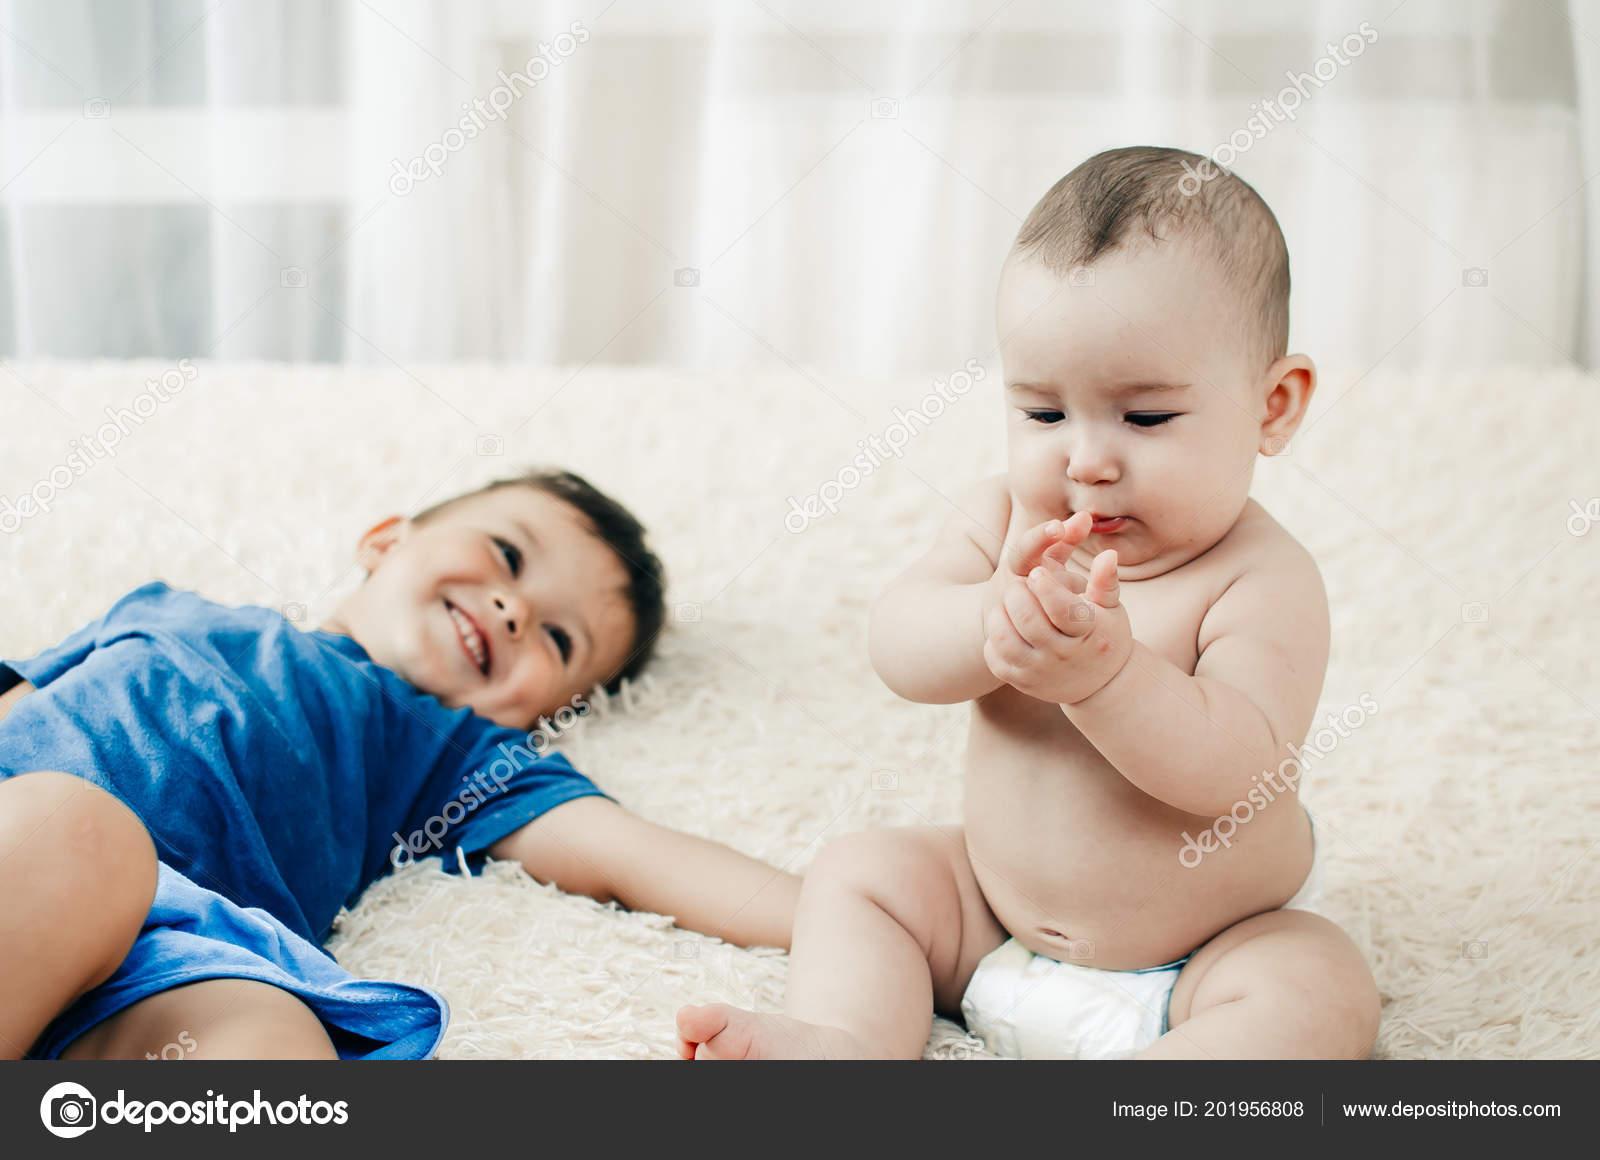 Сестра играла а он вставил ей, Сестра приклеилась к столу, а брат воспользовался этим 22 фотография